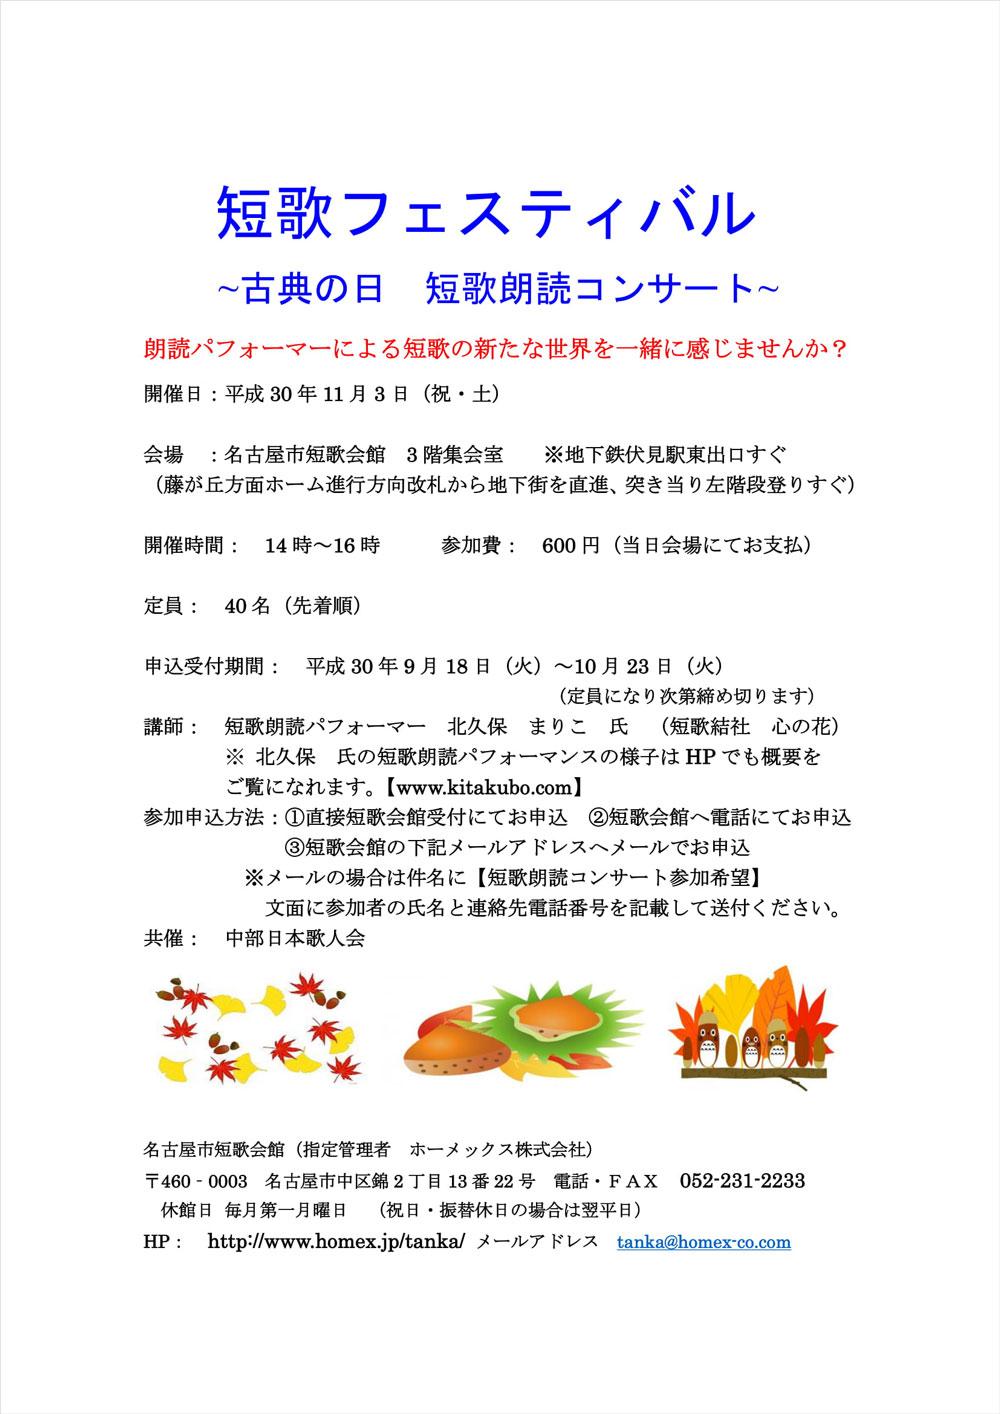 2018_11_03_nagoya_tanka_festival-1.jpg